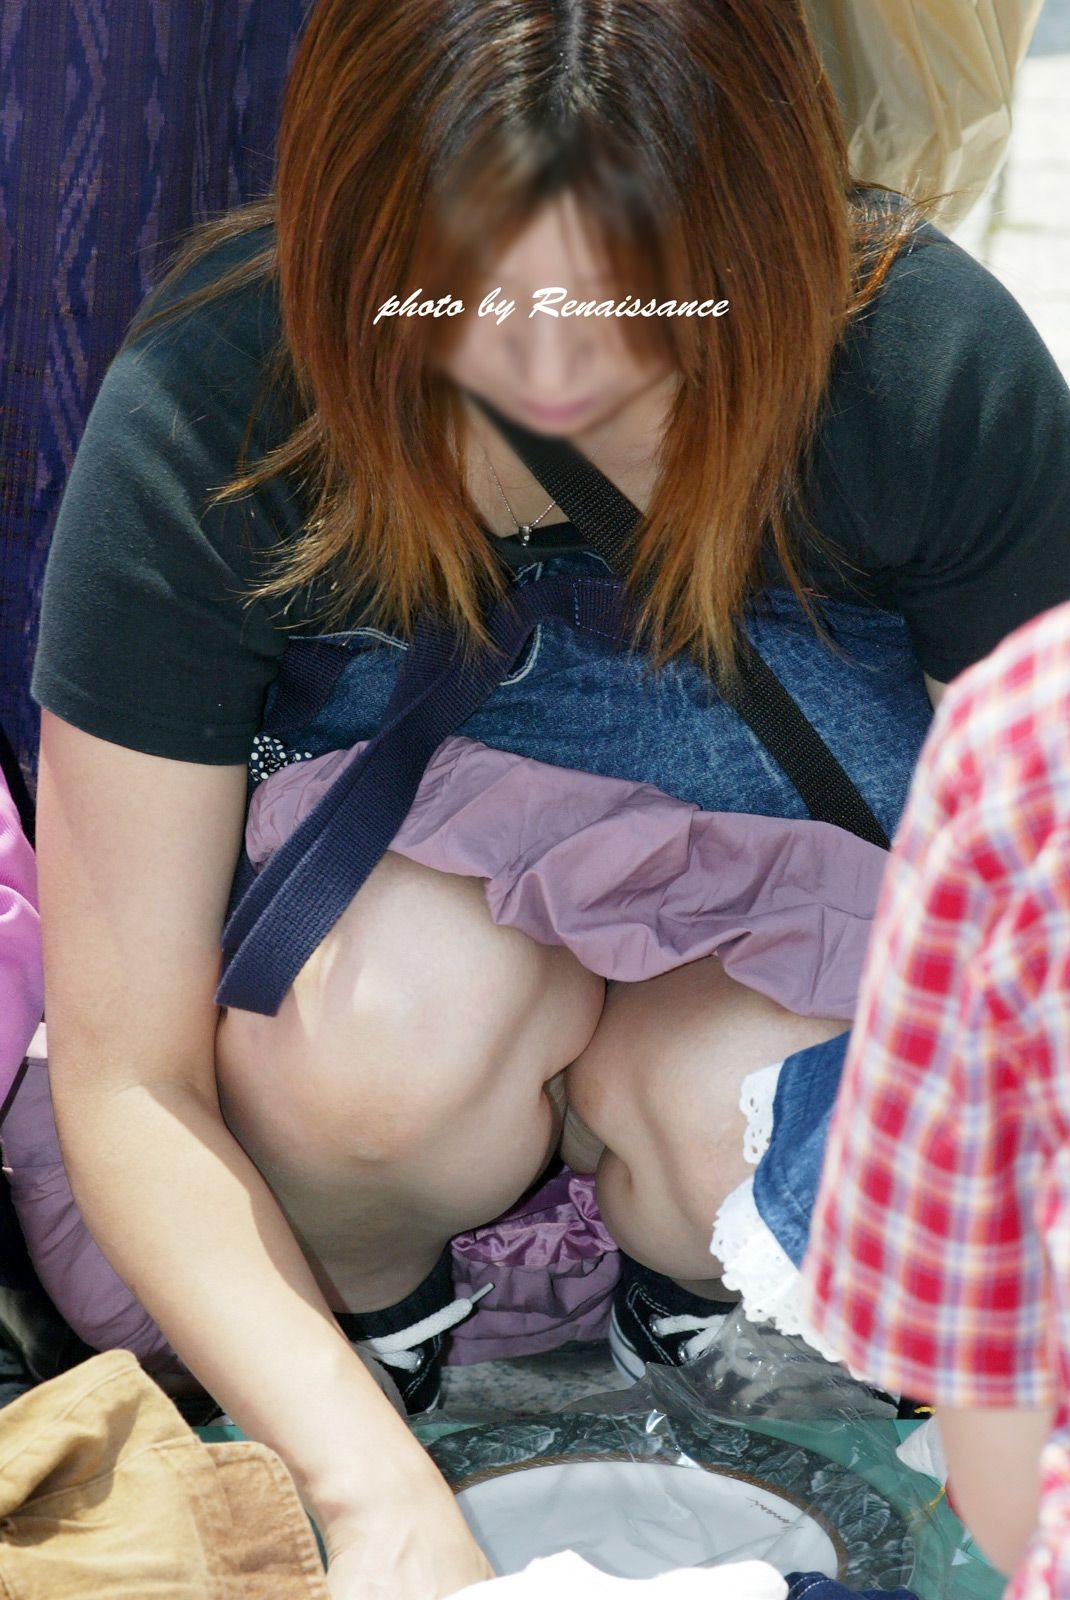 【パンチラエロ画像】座り込んだらさあ正面へw腰を下ろした女子たちの生パン観察www 11